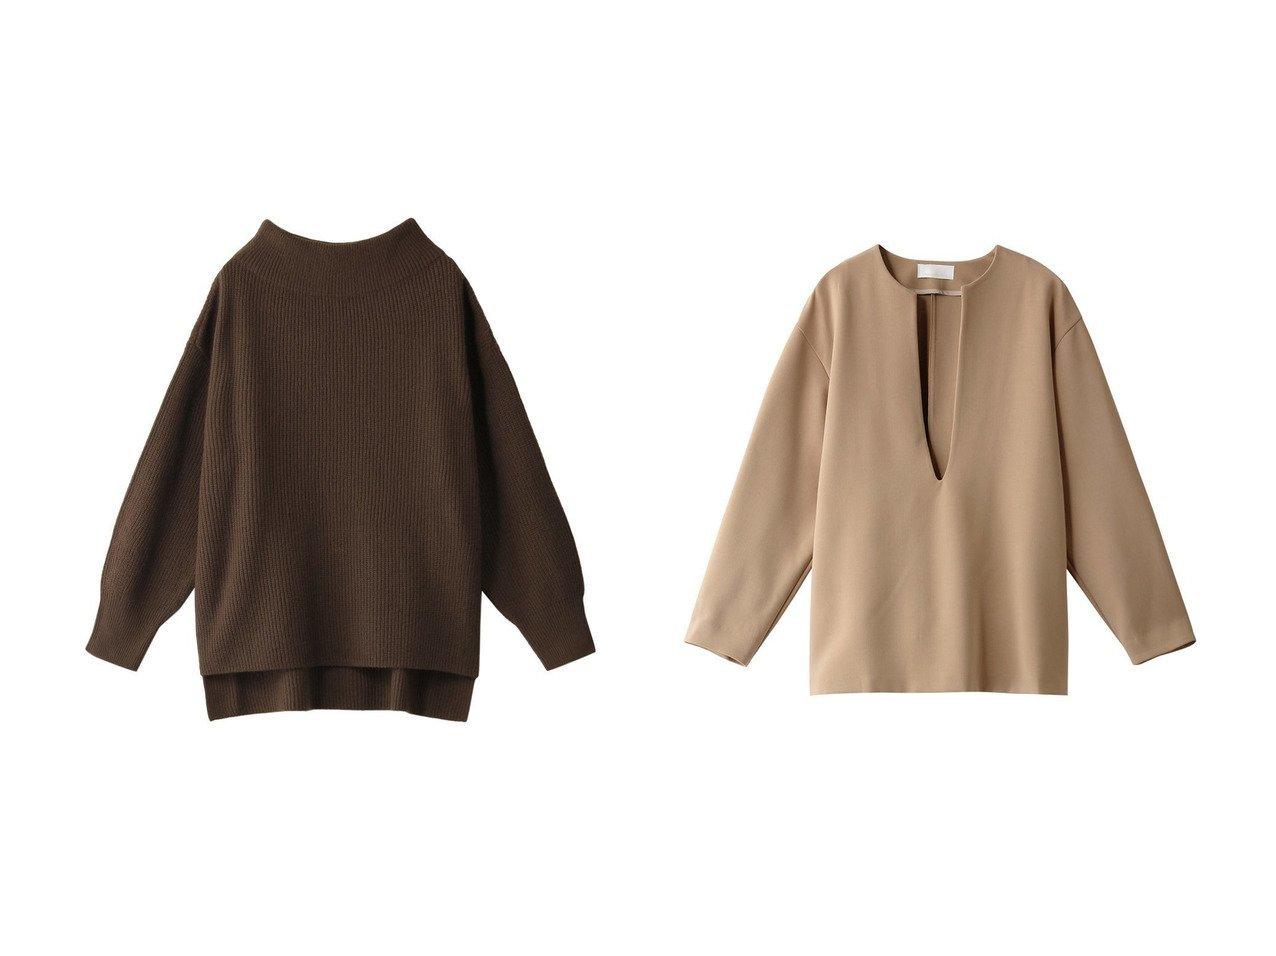 【Chaos/カオス】のCR7GポルテアゼKTプルオーバー&【GALLARDAGALANTE/ガリャルダガランテ】のダブルクロスVプルオーバー トップス・カットソーのおすすめ!人気、レディースファッションの通販  おすすめで人気のファッション通販商品 インテリア・家具・キッズファッション・メンズファッション・レディースファッション・服の通販 founy(ファニー) https://founy.com/ ファッション Fashion レディース WOMEN トップス Tops Tshirt ニット Knit Tops プルオーバー Pullover シャツ/ブラウス Shirts Blouses カシミヤ シンプル スリット スリーブ ボトルネック カットソー タートルネック ダブル トレンド ロング |ID:crp329100000005050